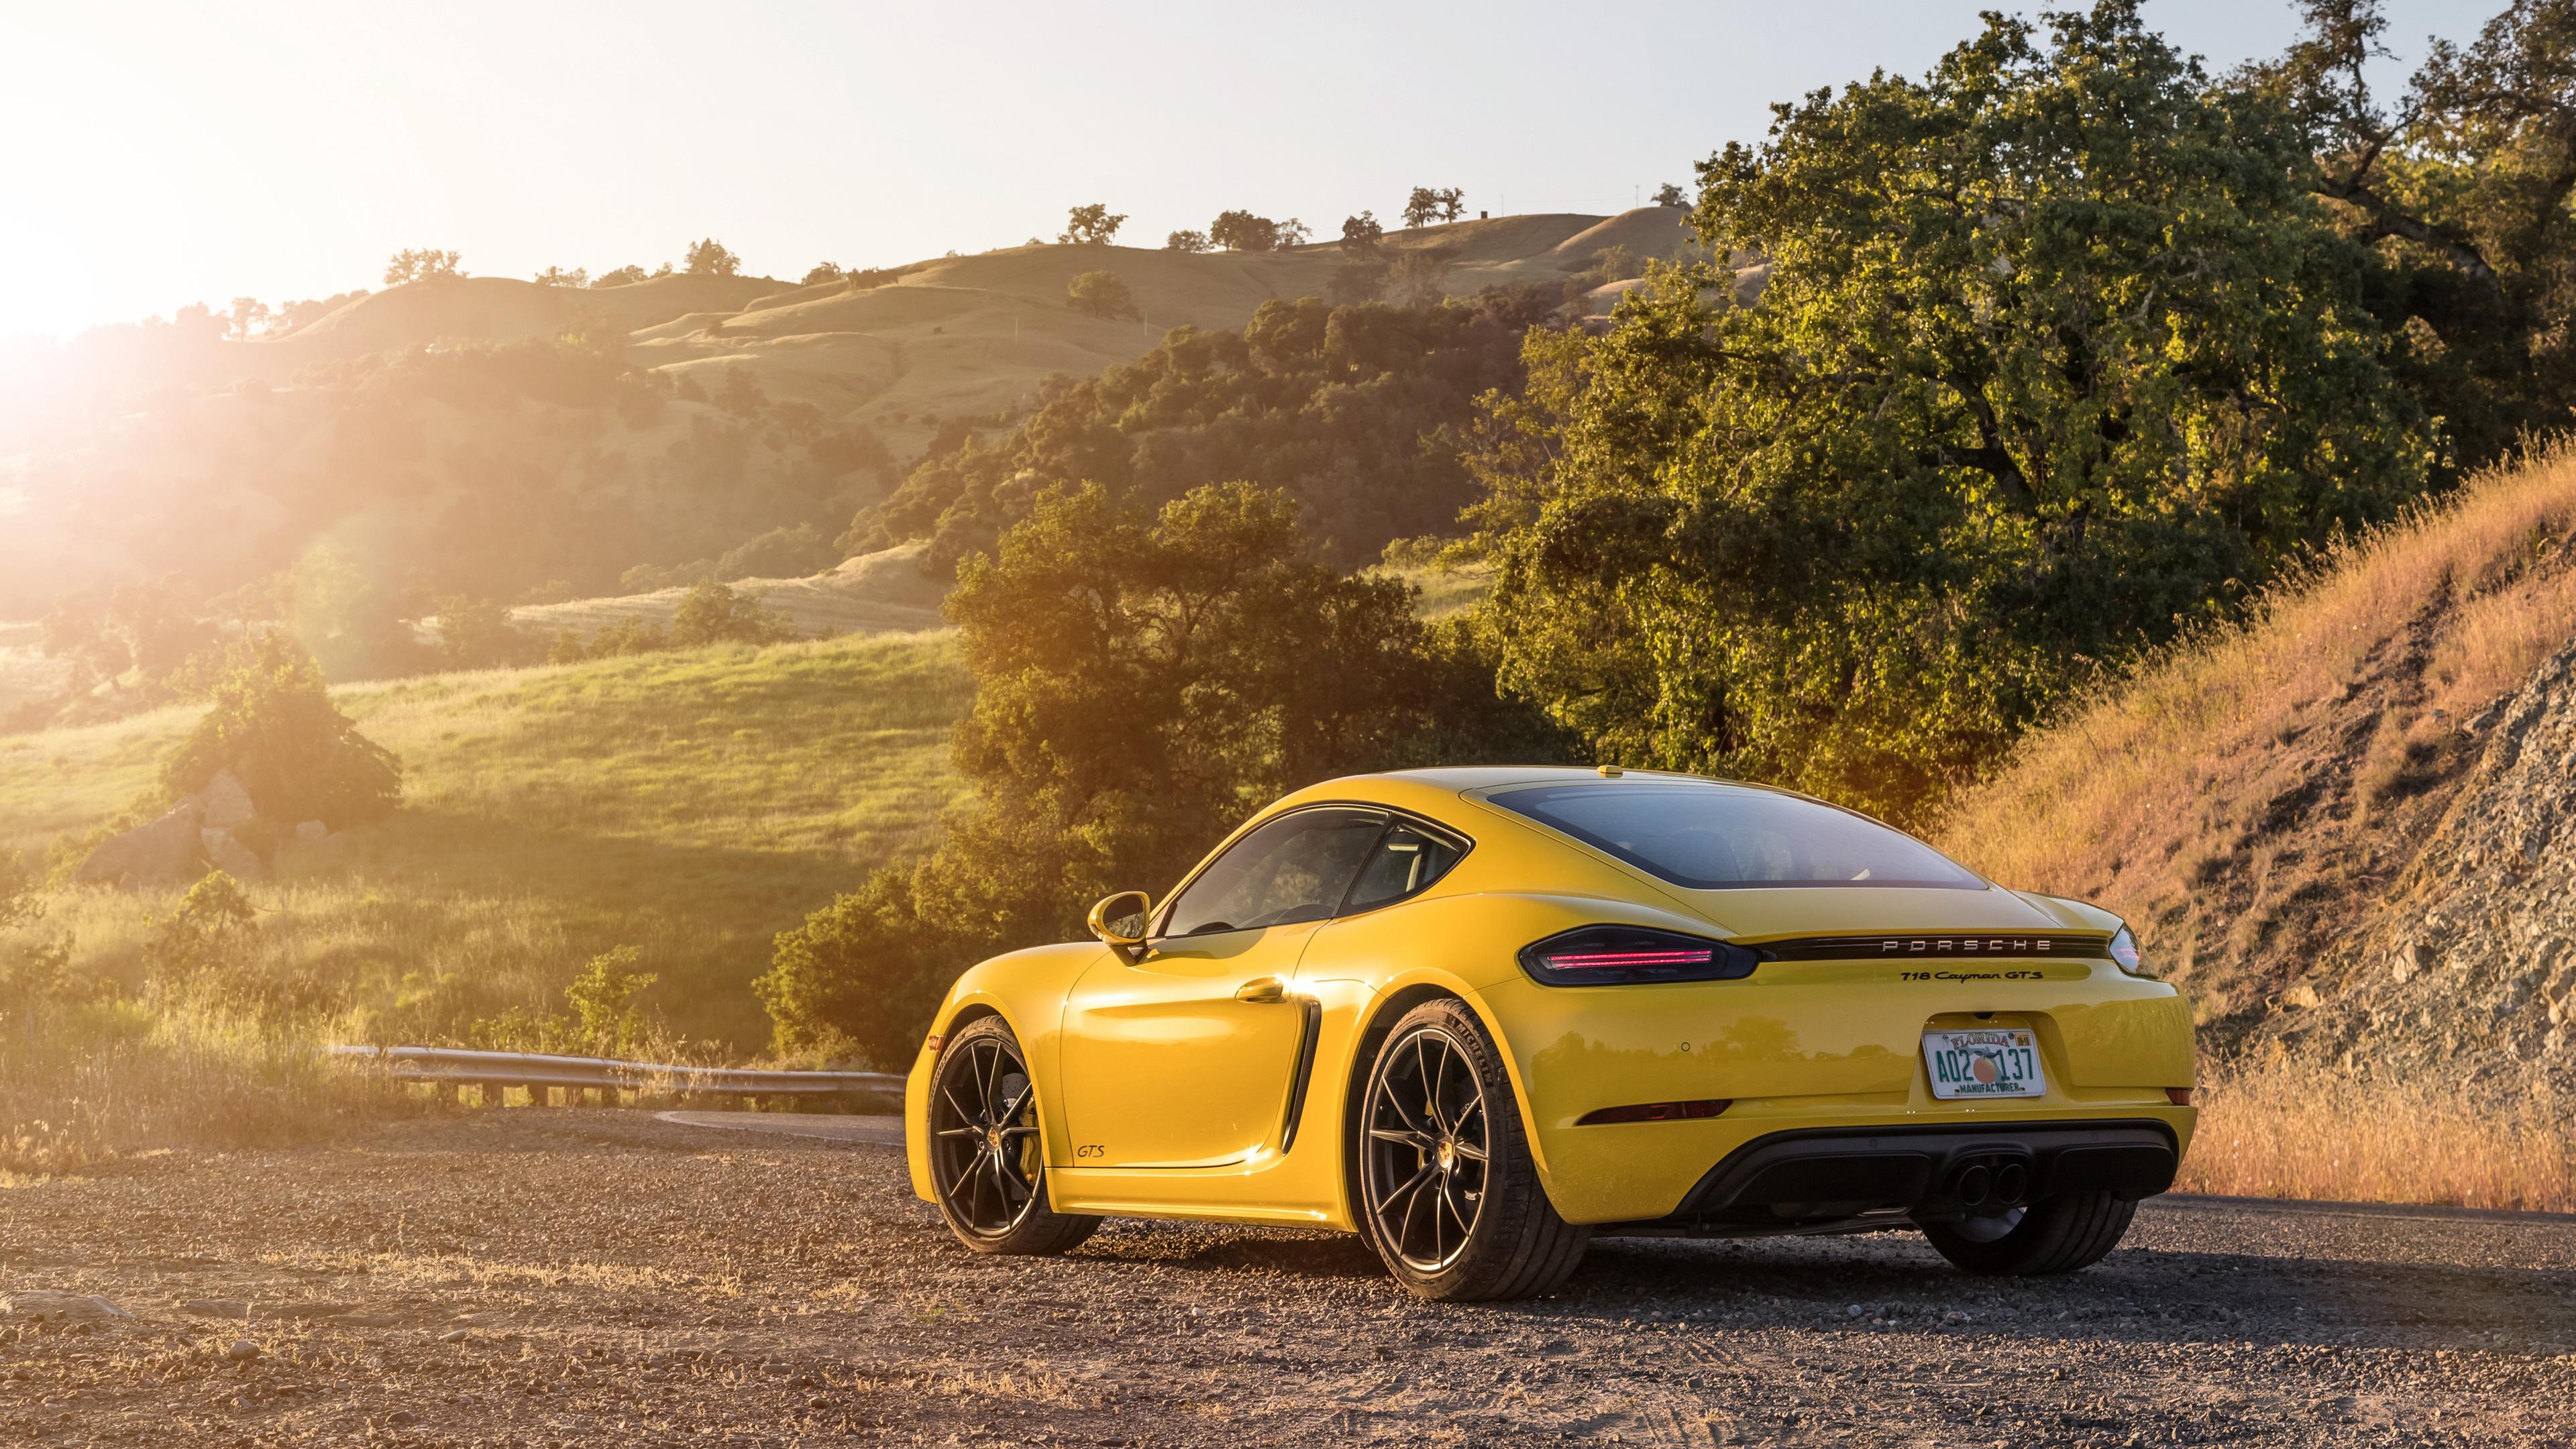 2019 porsche 718 cayman gts rear side 4k 1539111497 - 2019 Porsche 718 Cayman GTS Rear Side 4k - porsche wallpapers, porsche 718 wallpapers, hd-wallpapers, cars wallpapers, 4k-wallpapers, 2018 cars wallpapers